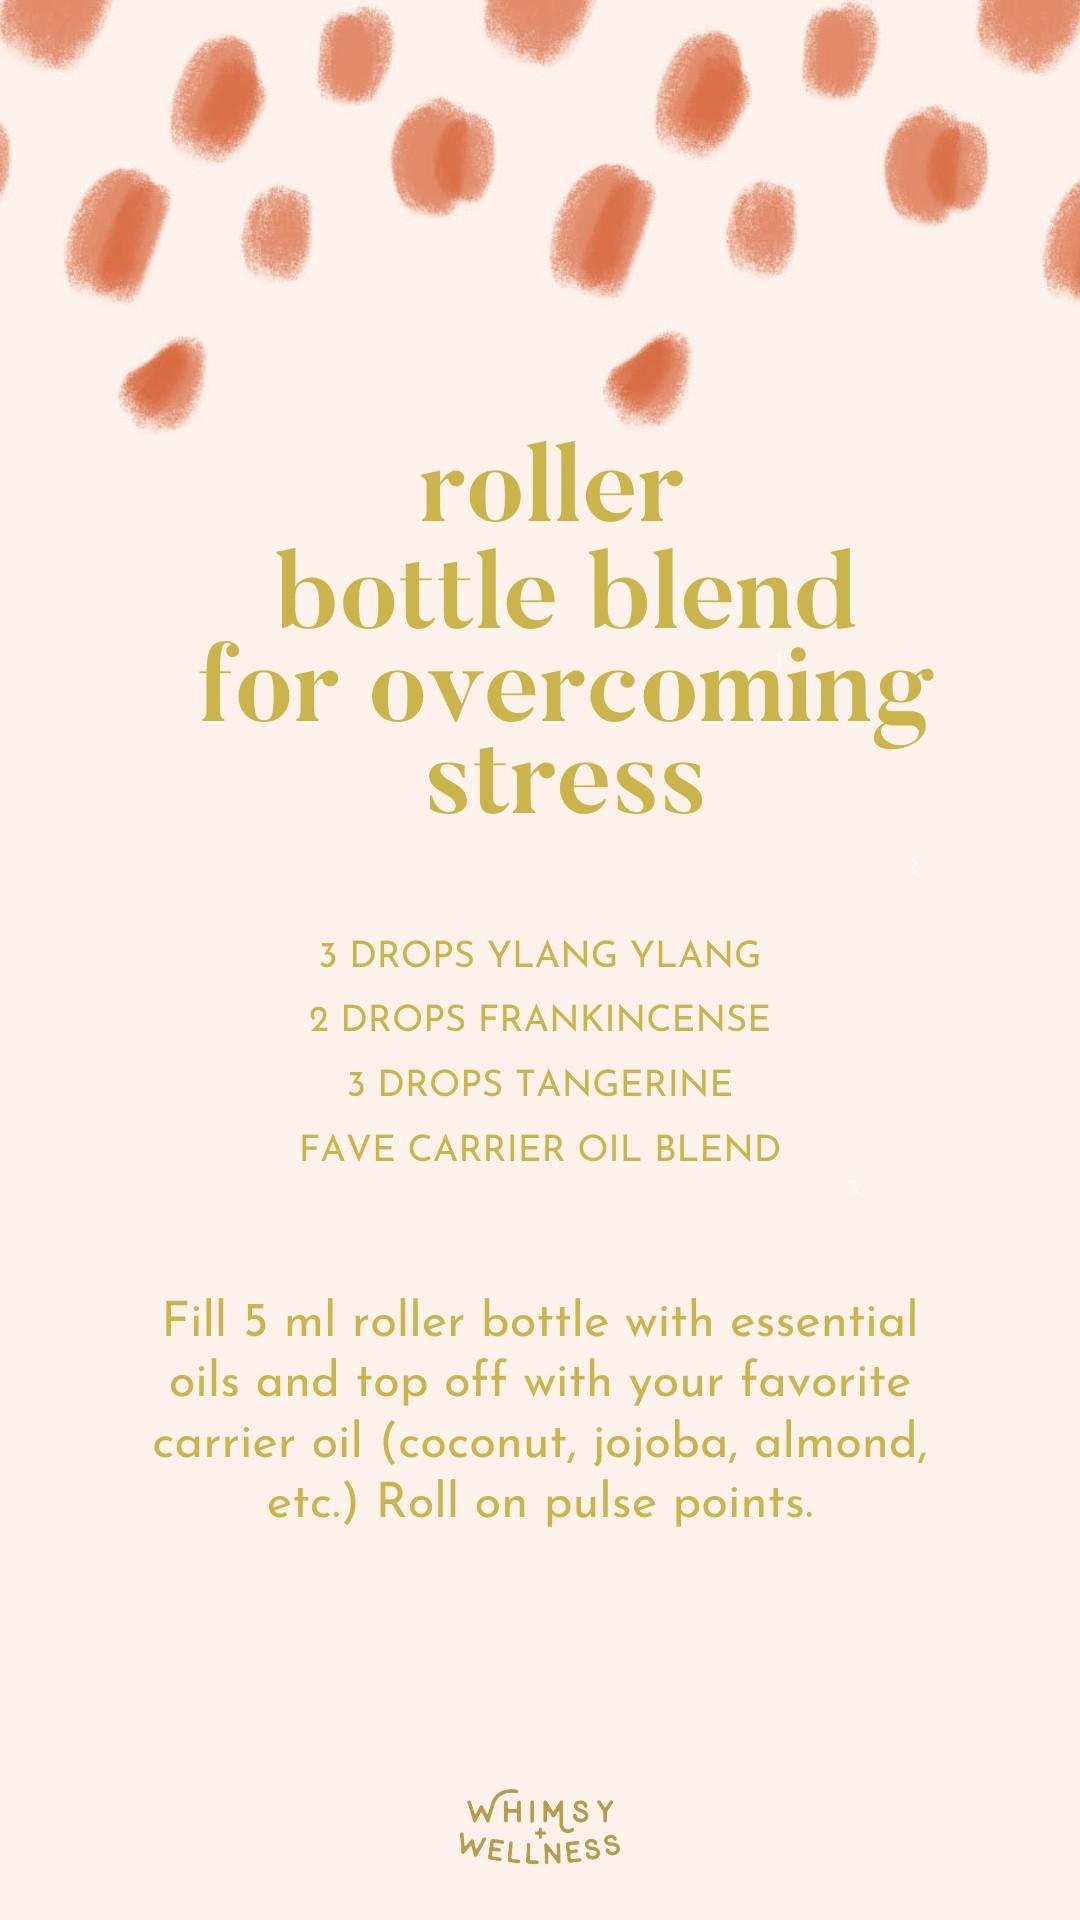 essential oil roller bottle blend for overcoming stress whimsy + wellness